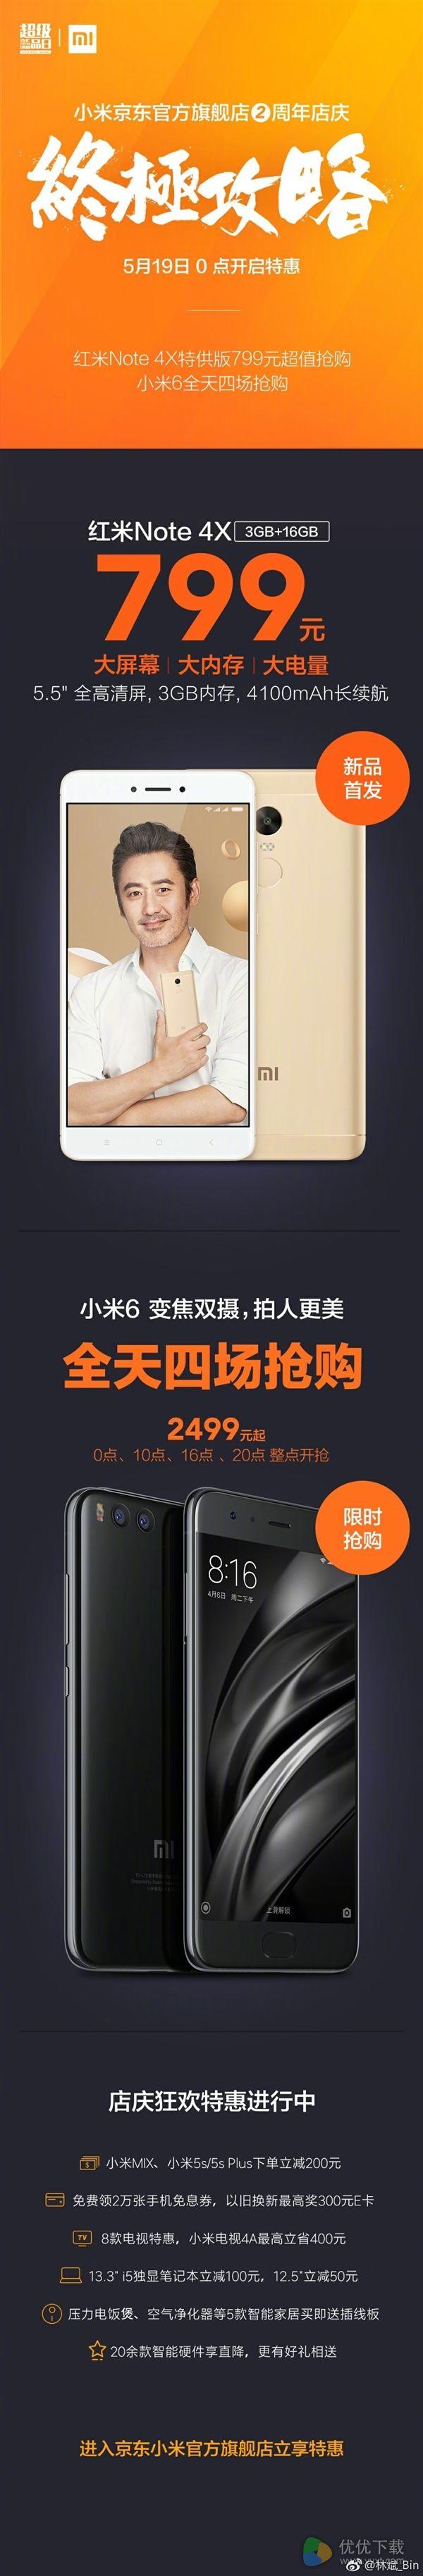 小米6手机抢购时间表